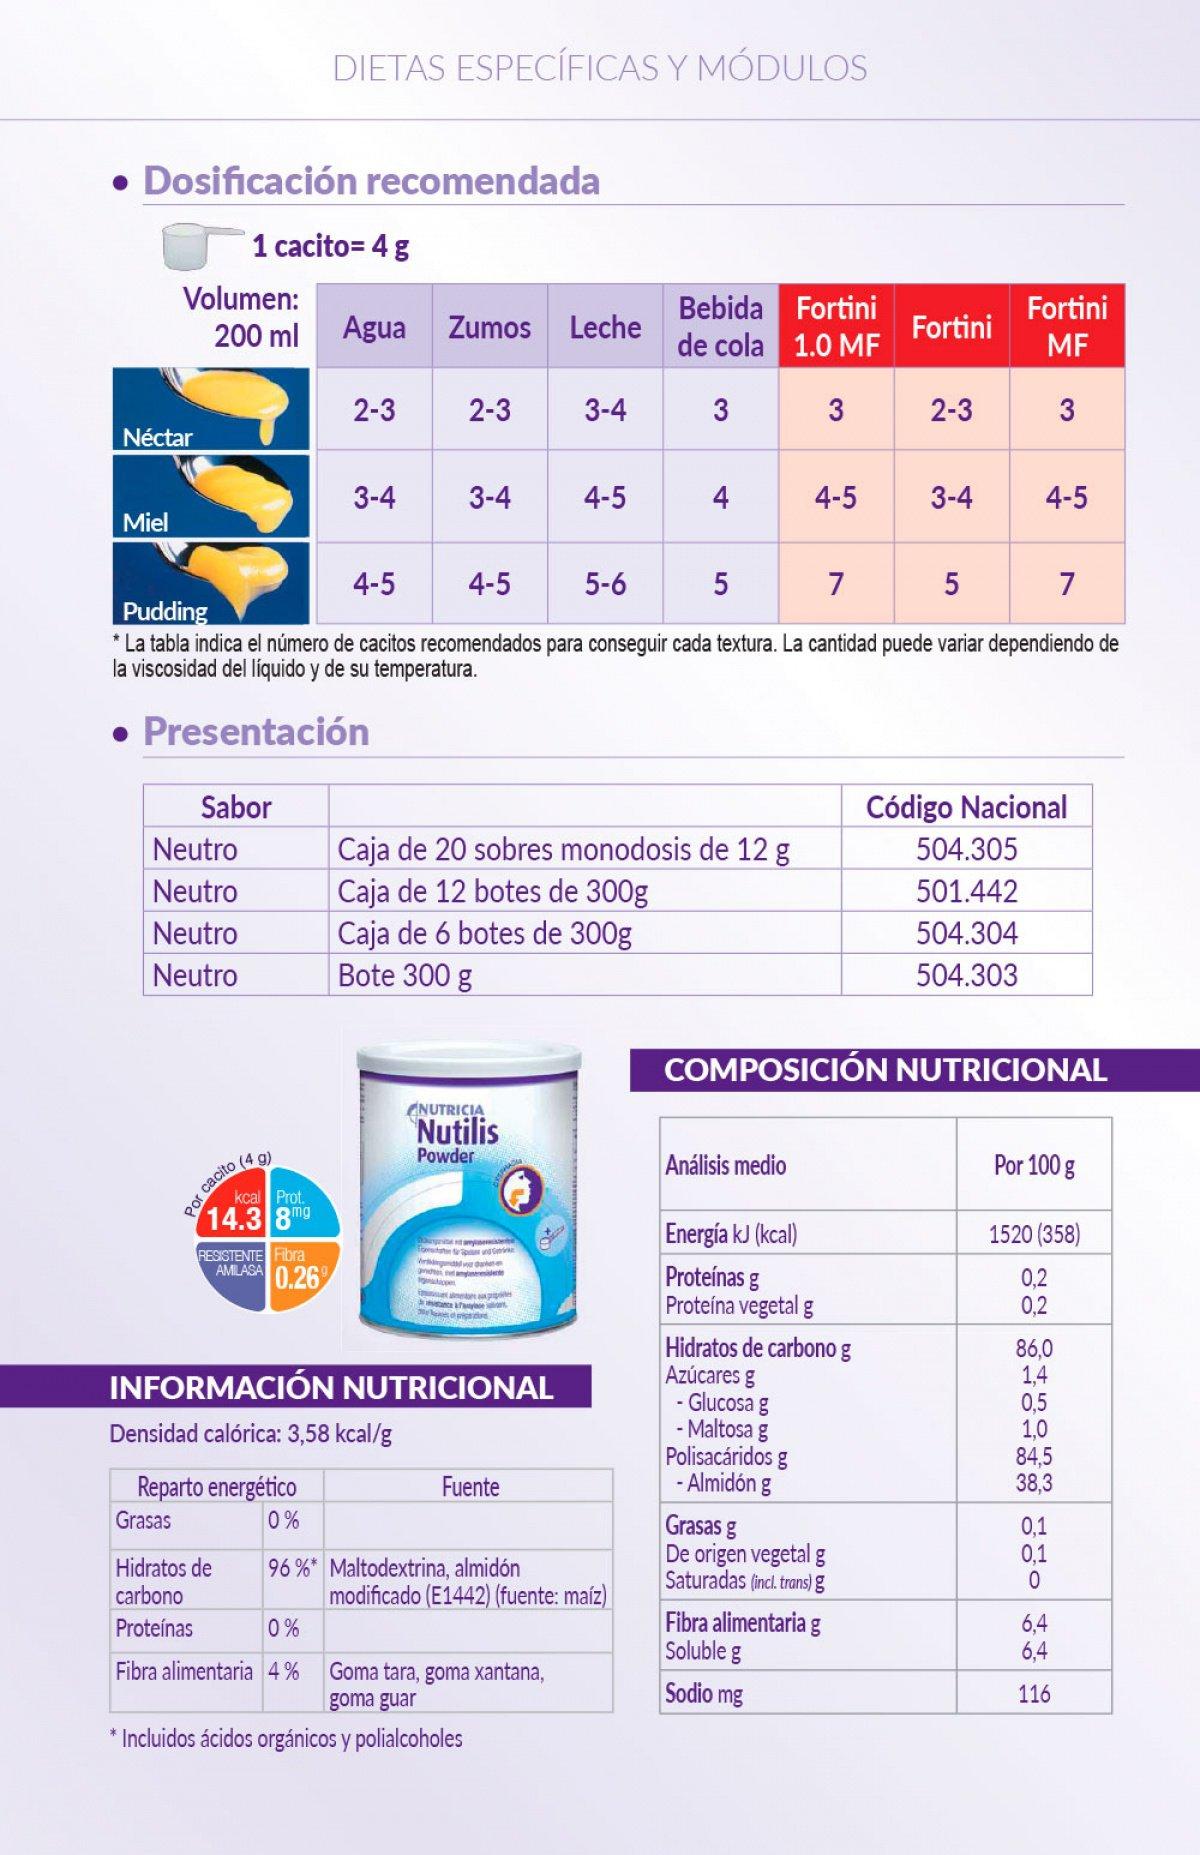 Información de Nutilis Powder